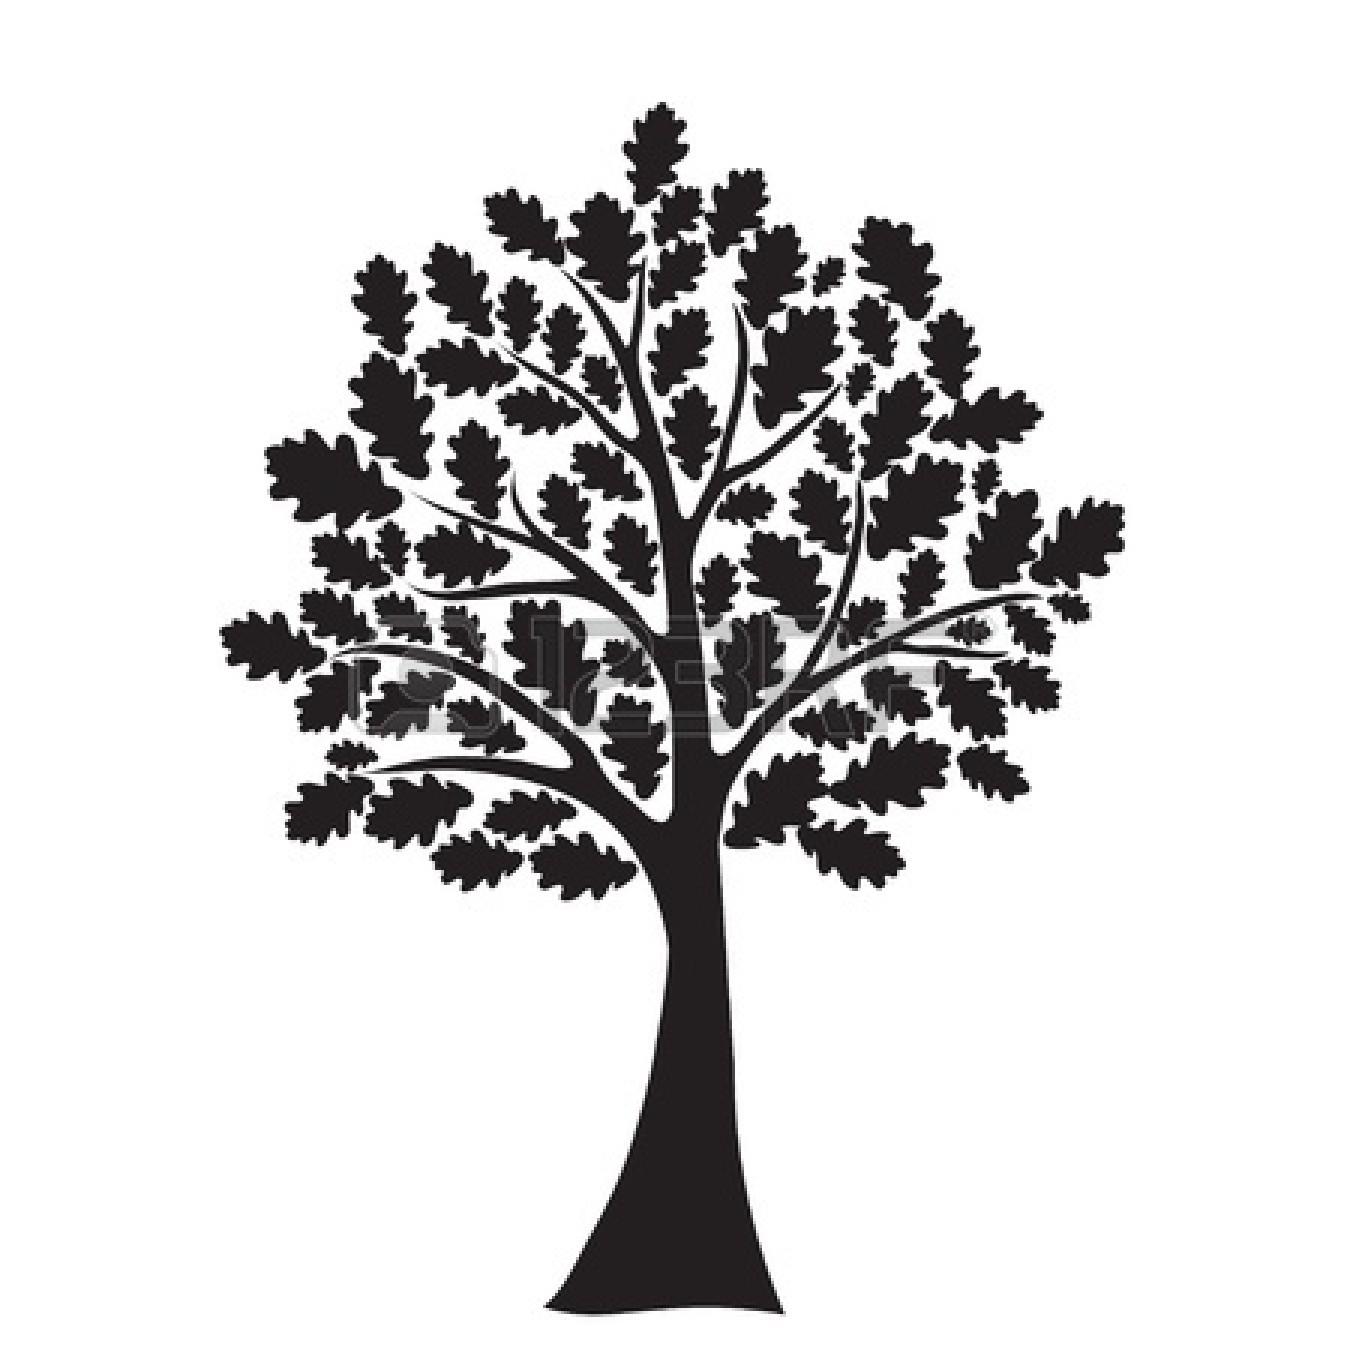 Oka tree with heart clipart.